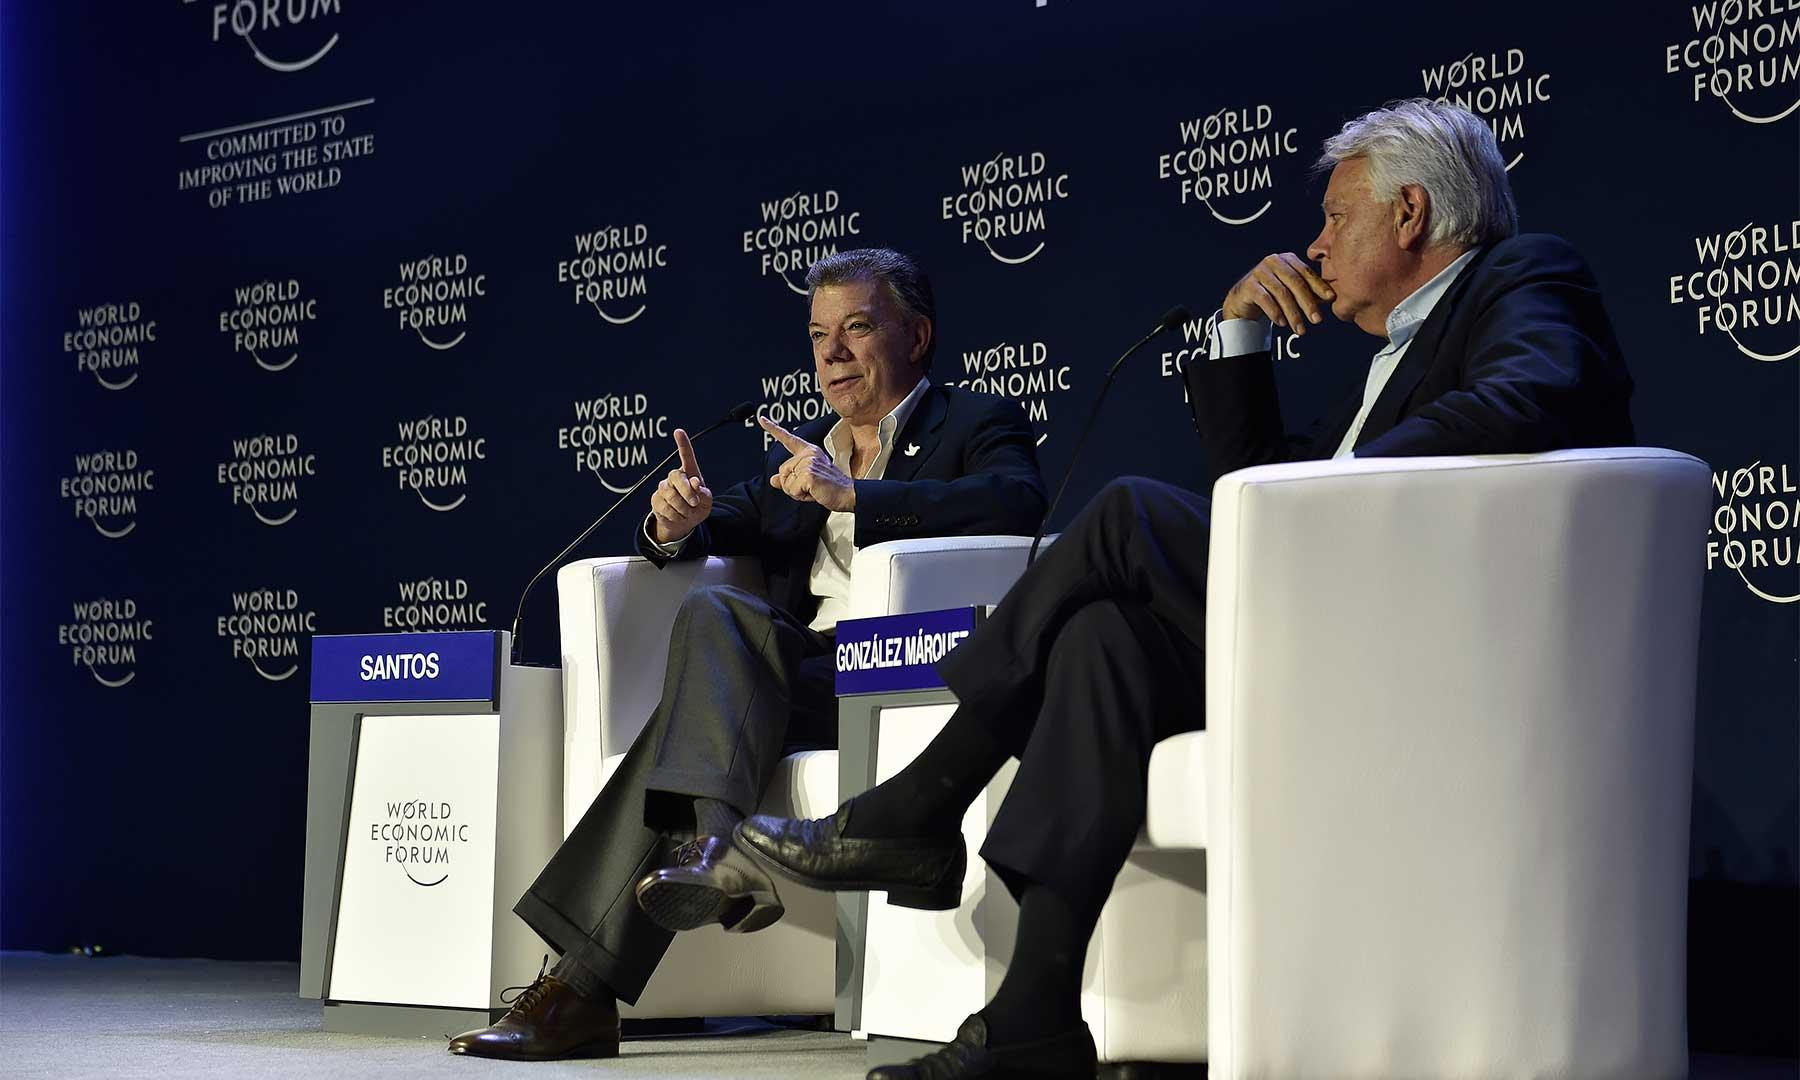 El Presidente Santos durante la sesión plenaria del Foro Económico Mundial sobre América Latina, dijo que las favorables cifras de industria y comercio ratifican el curso firme que tiene Colombia en materia económica.